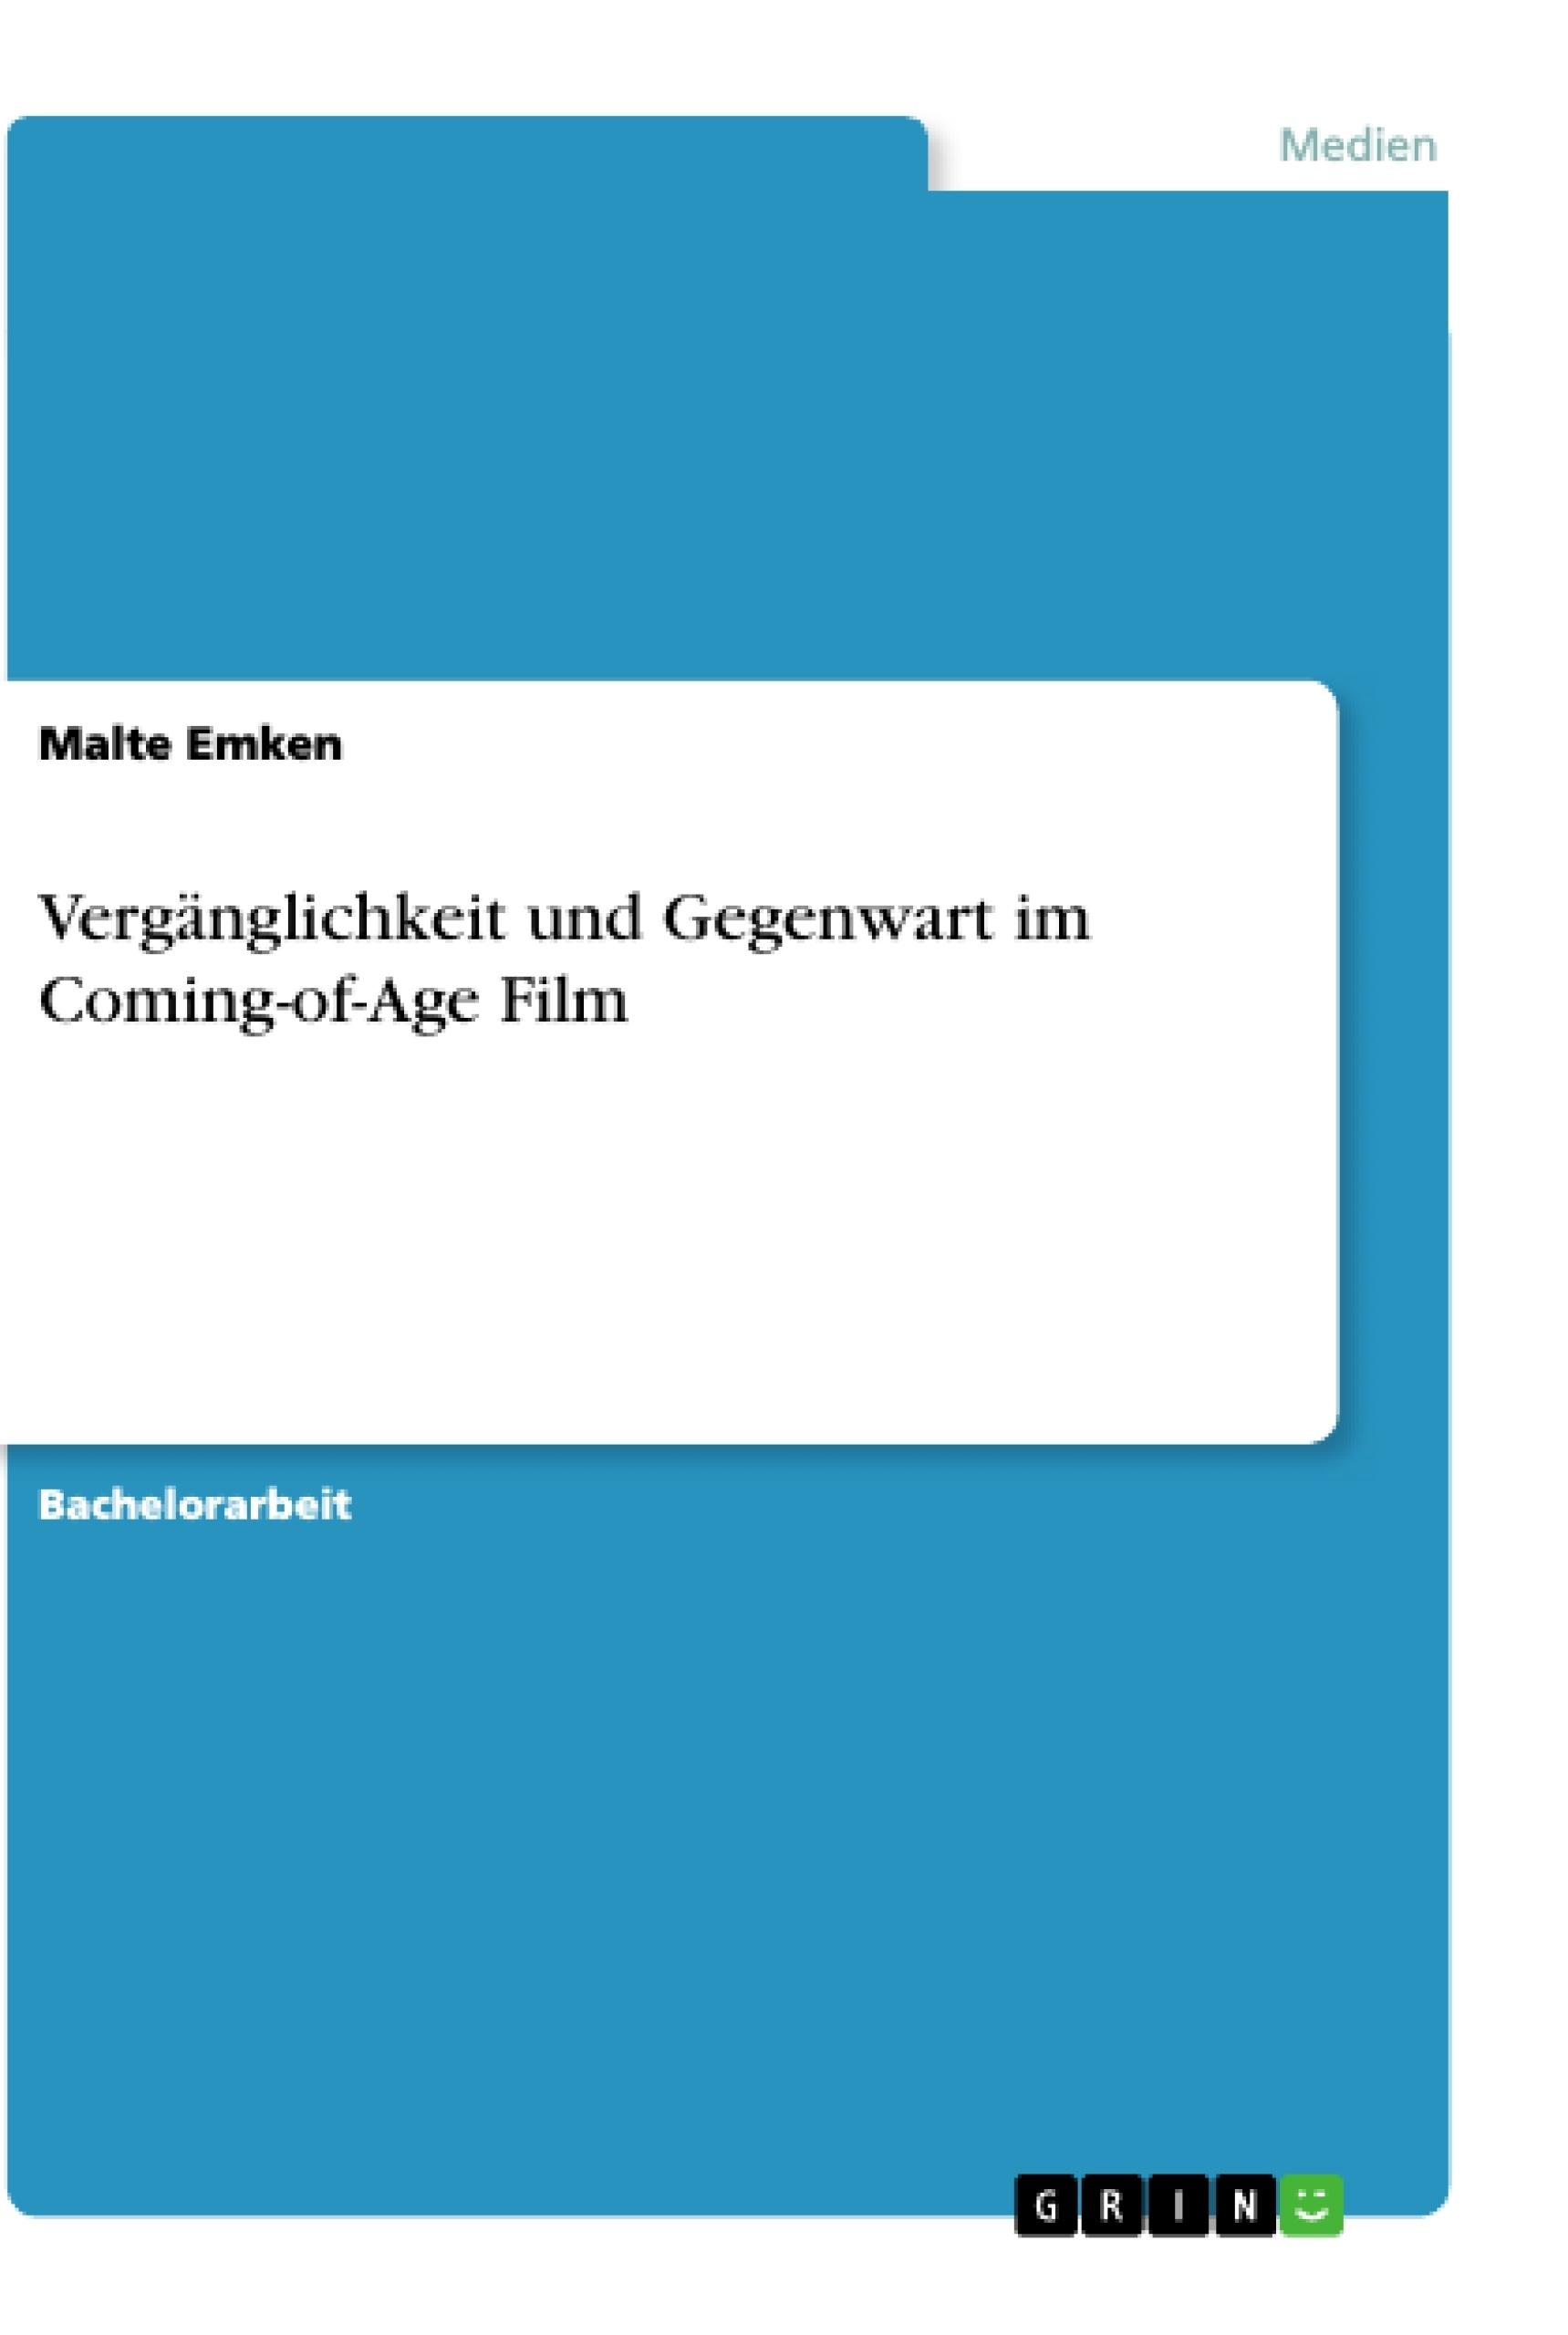 Titel: Vergänglichkeit und Gegenwart im Coming-of-Age Film